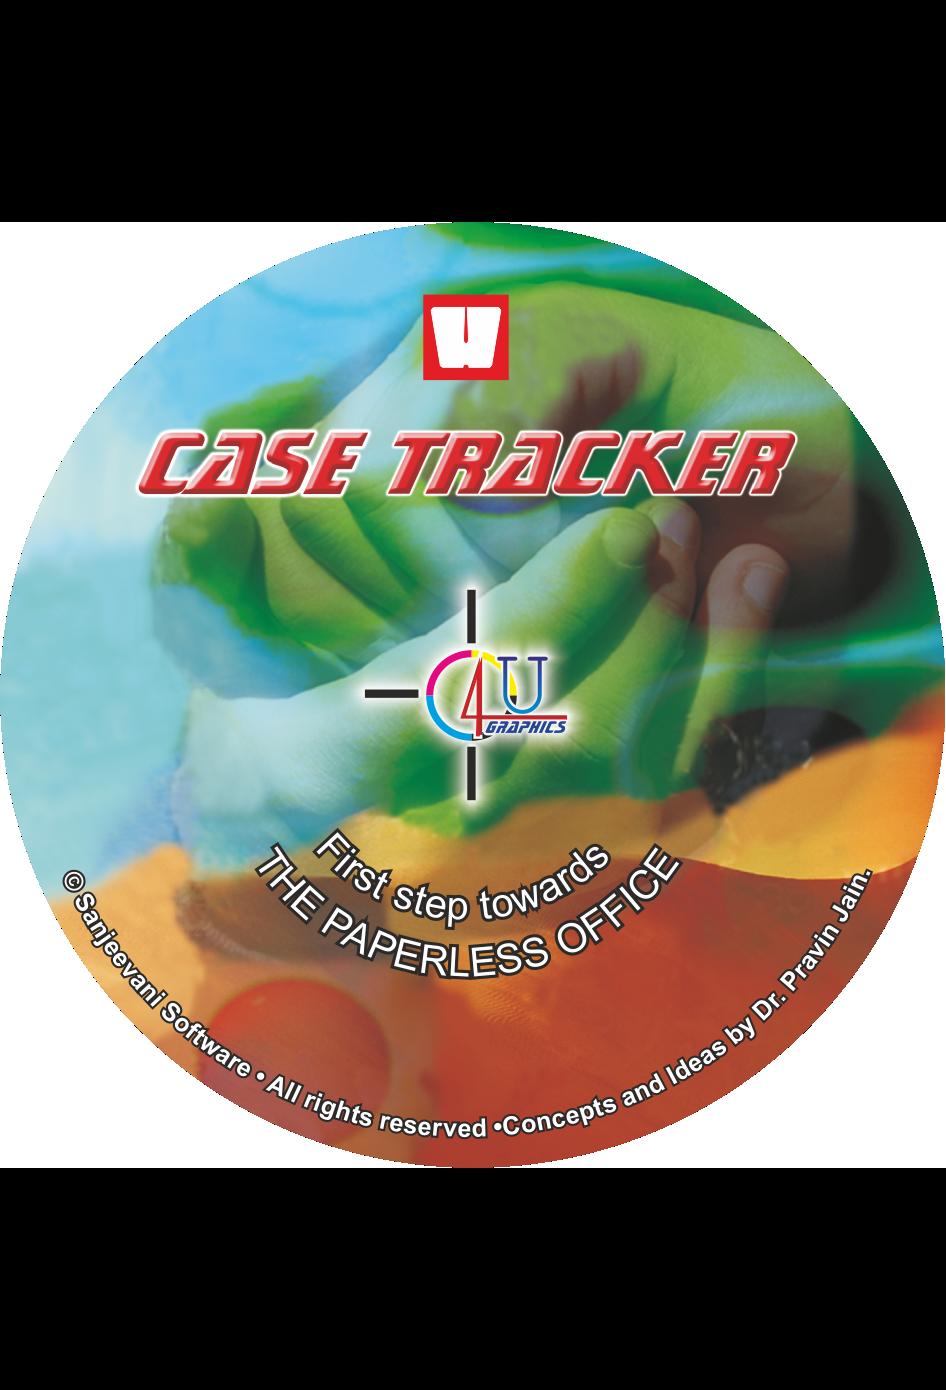 Casetracker